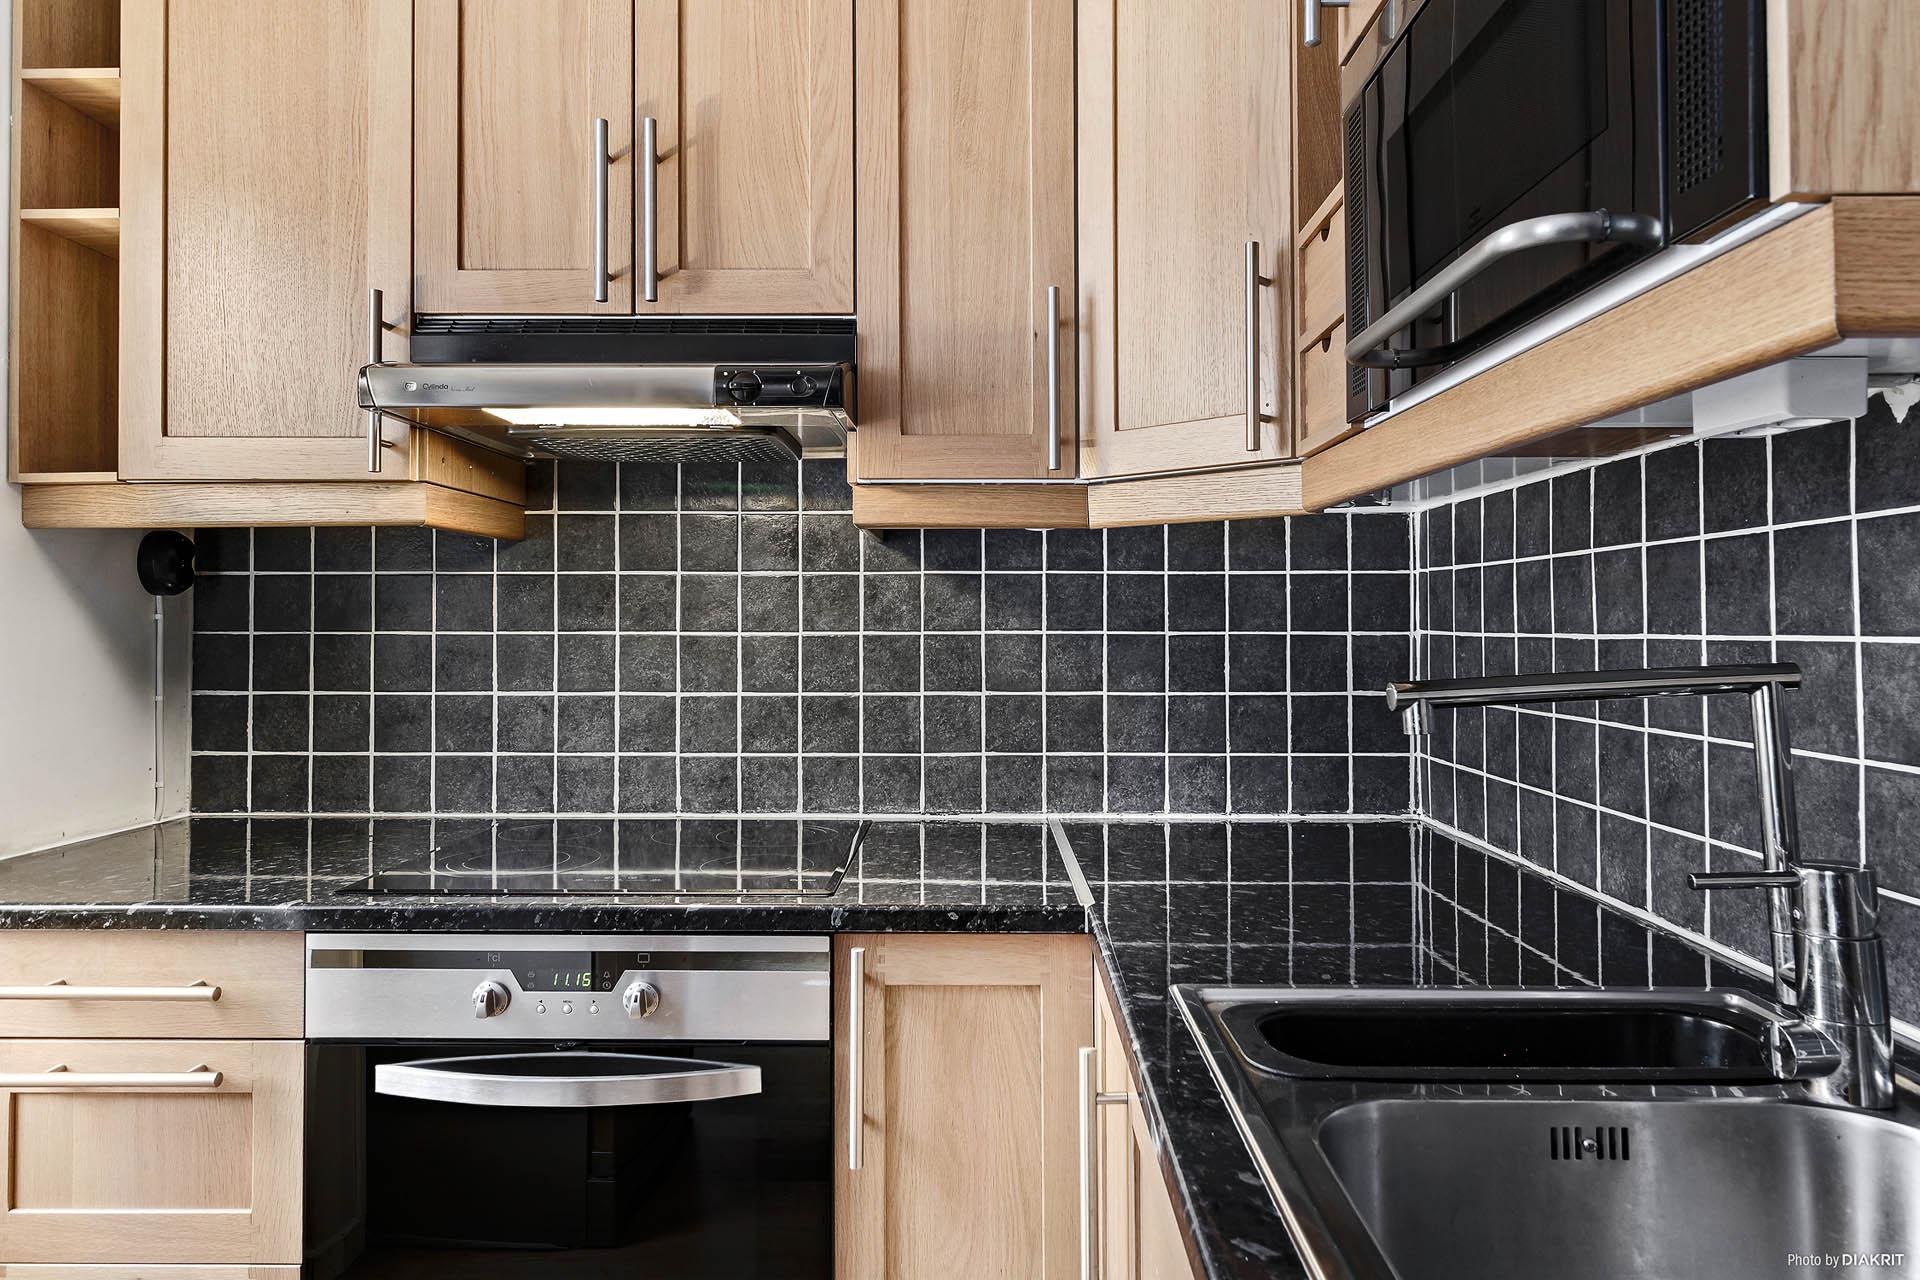 Kök med spishäll, spisfläkt, varmluftsugn, mikrovågsugn samt kombinerad kyl/frys